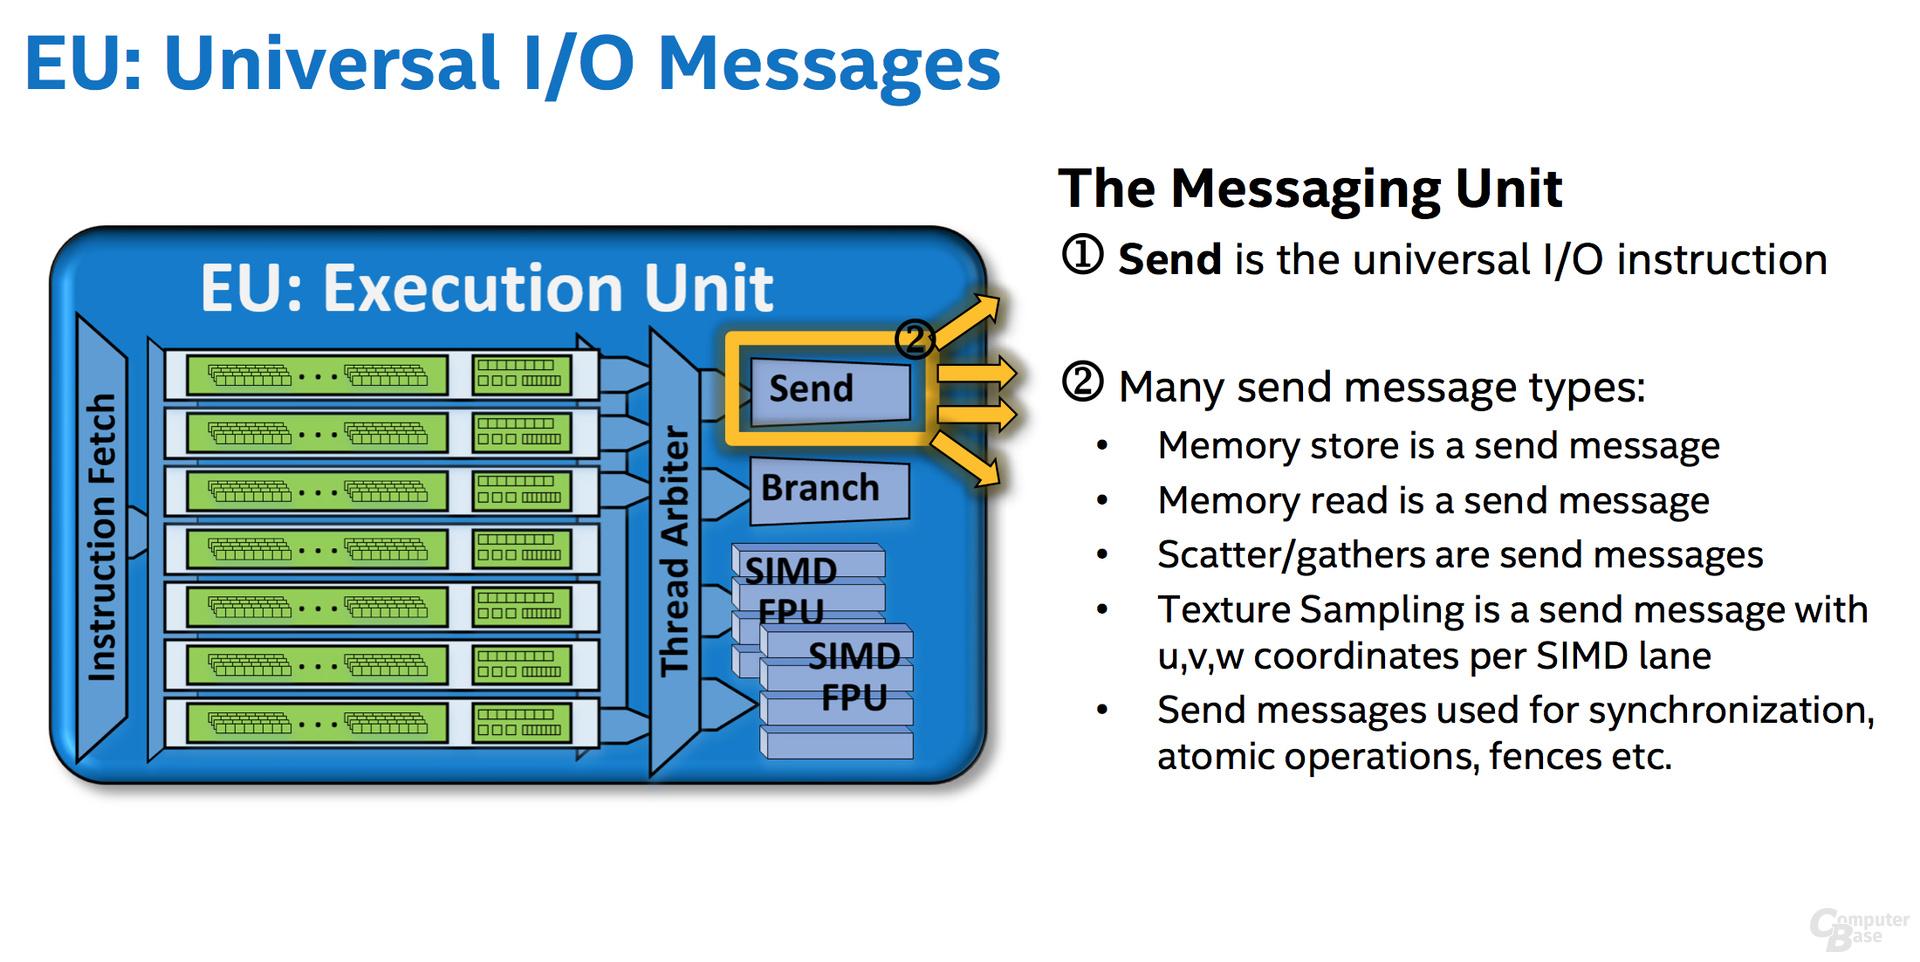 Message Unit